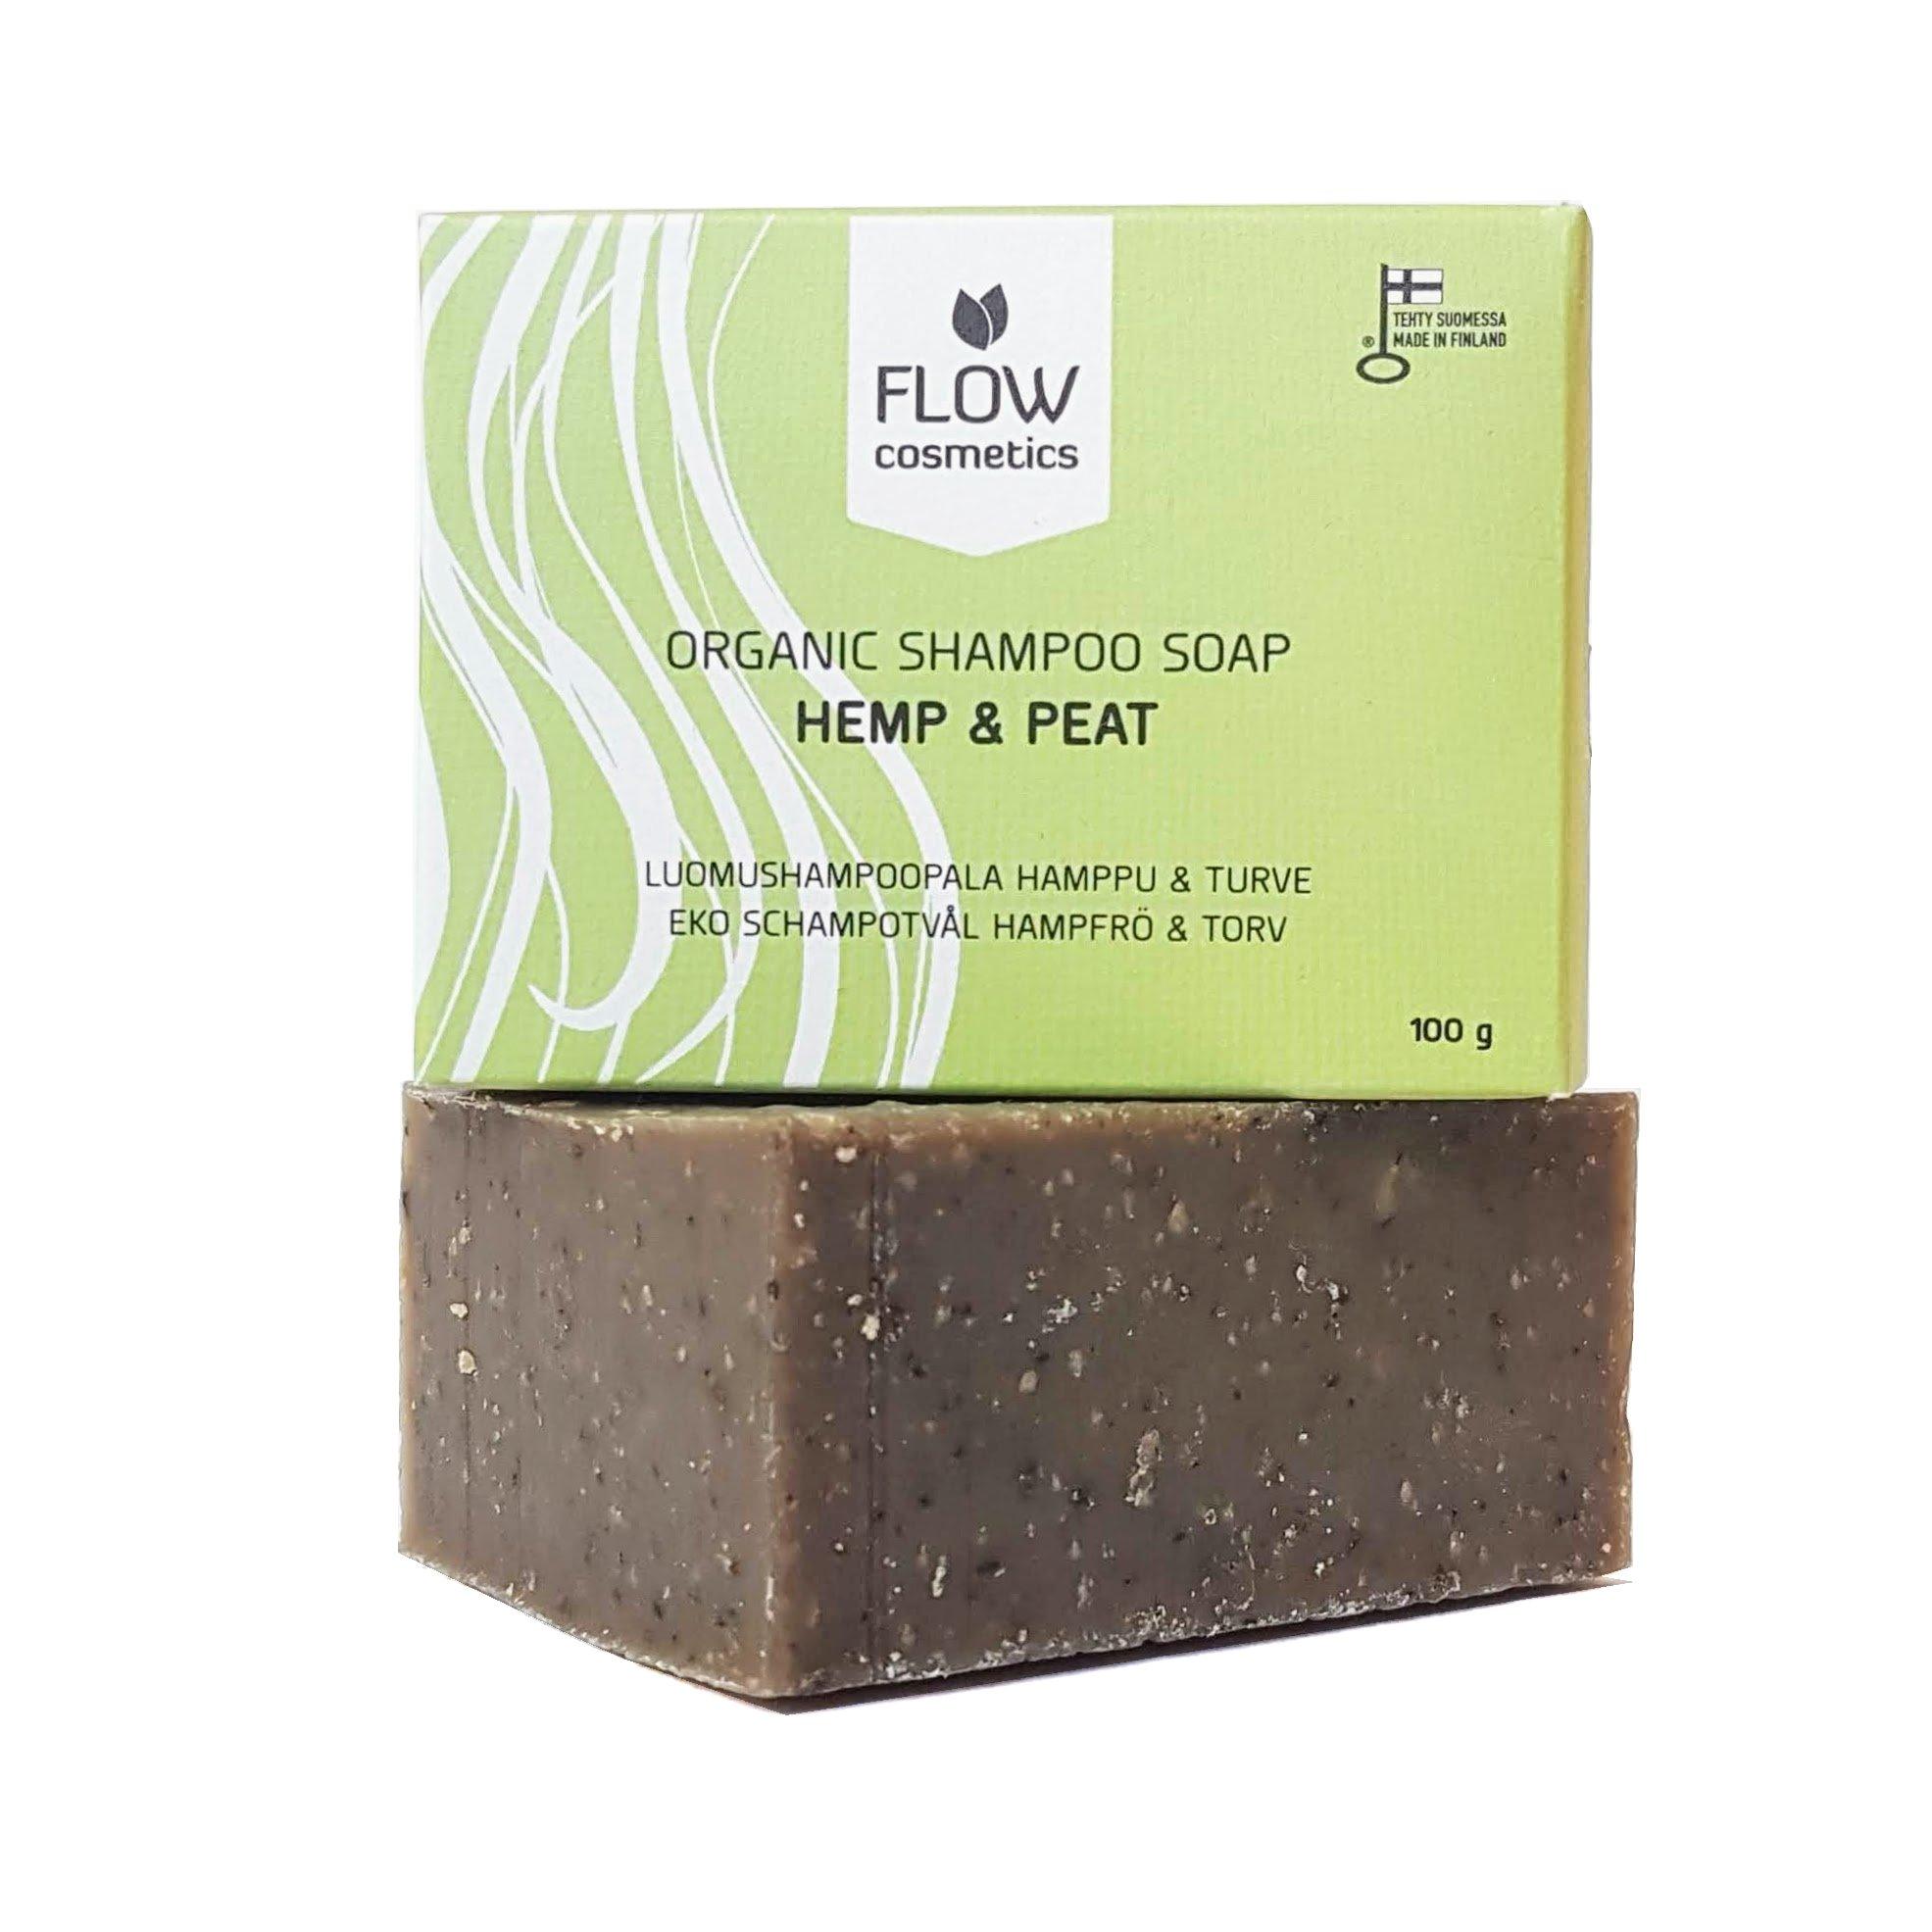 543b936e0c5 Flow tahke šampoon kanepiõli ja turbaga 100g. Esileht > Tooted > Flow tahke  šampoon kanepiõli ja turbaga 100g